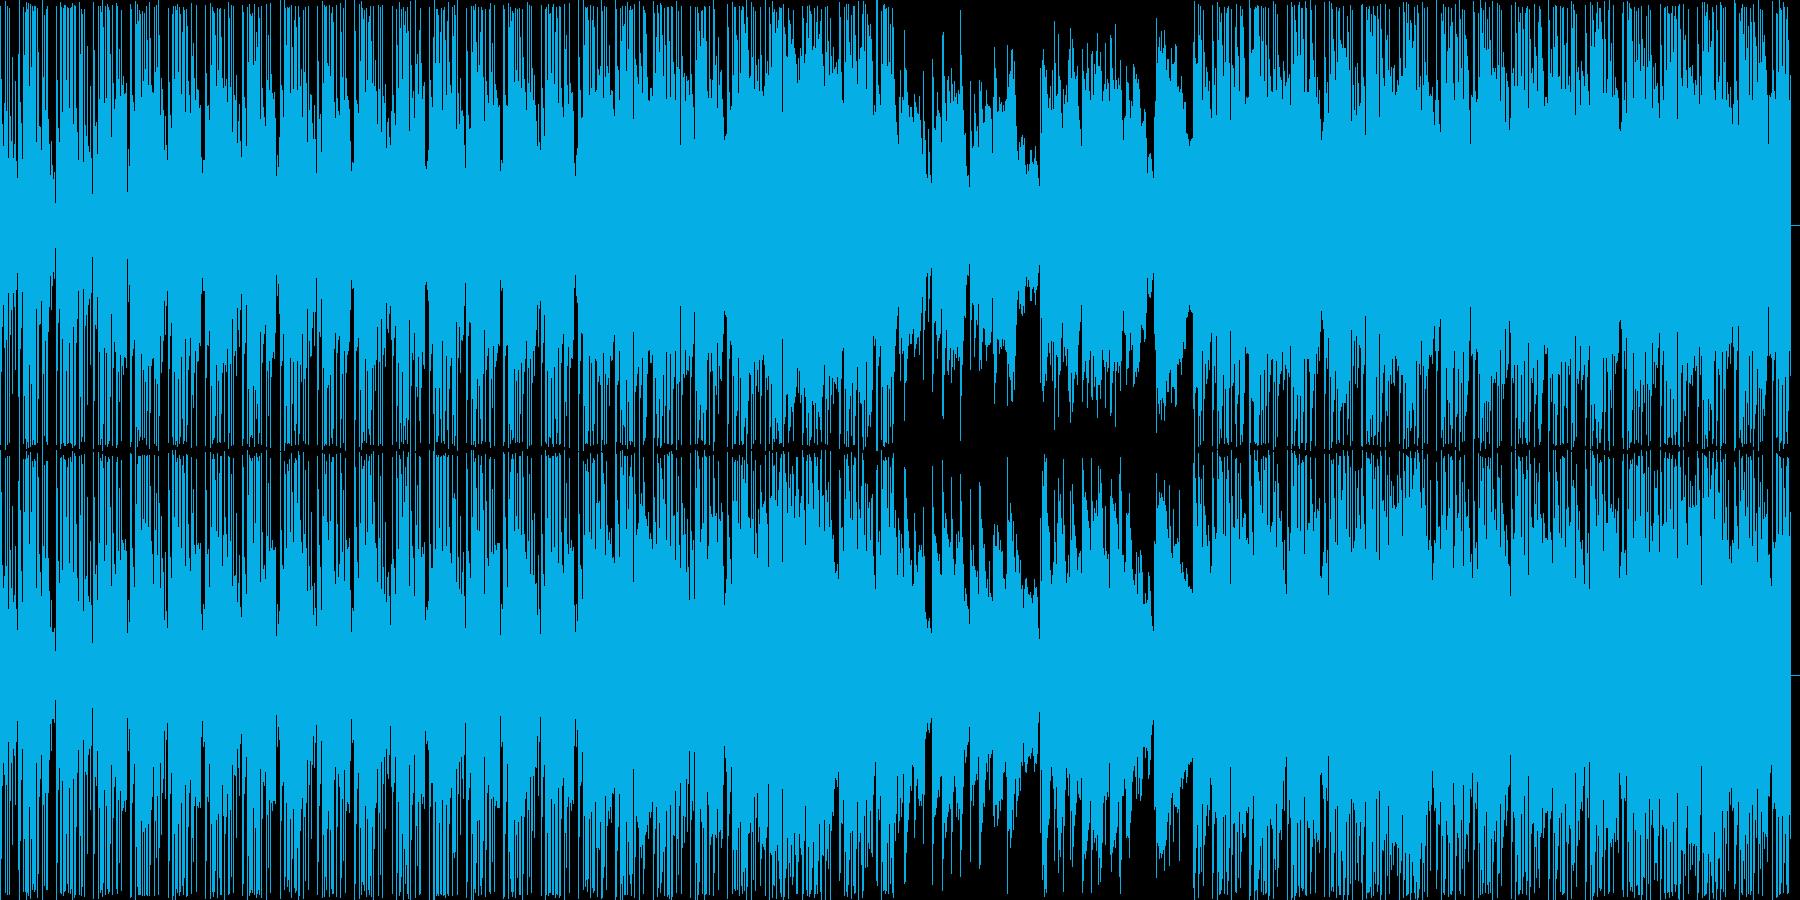 【悲しげなBGM・エレクトロニカ】の再生済みの波形